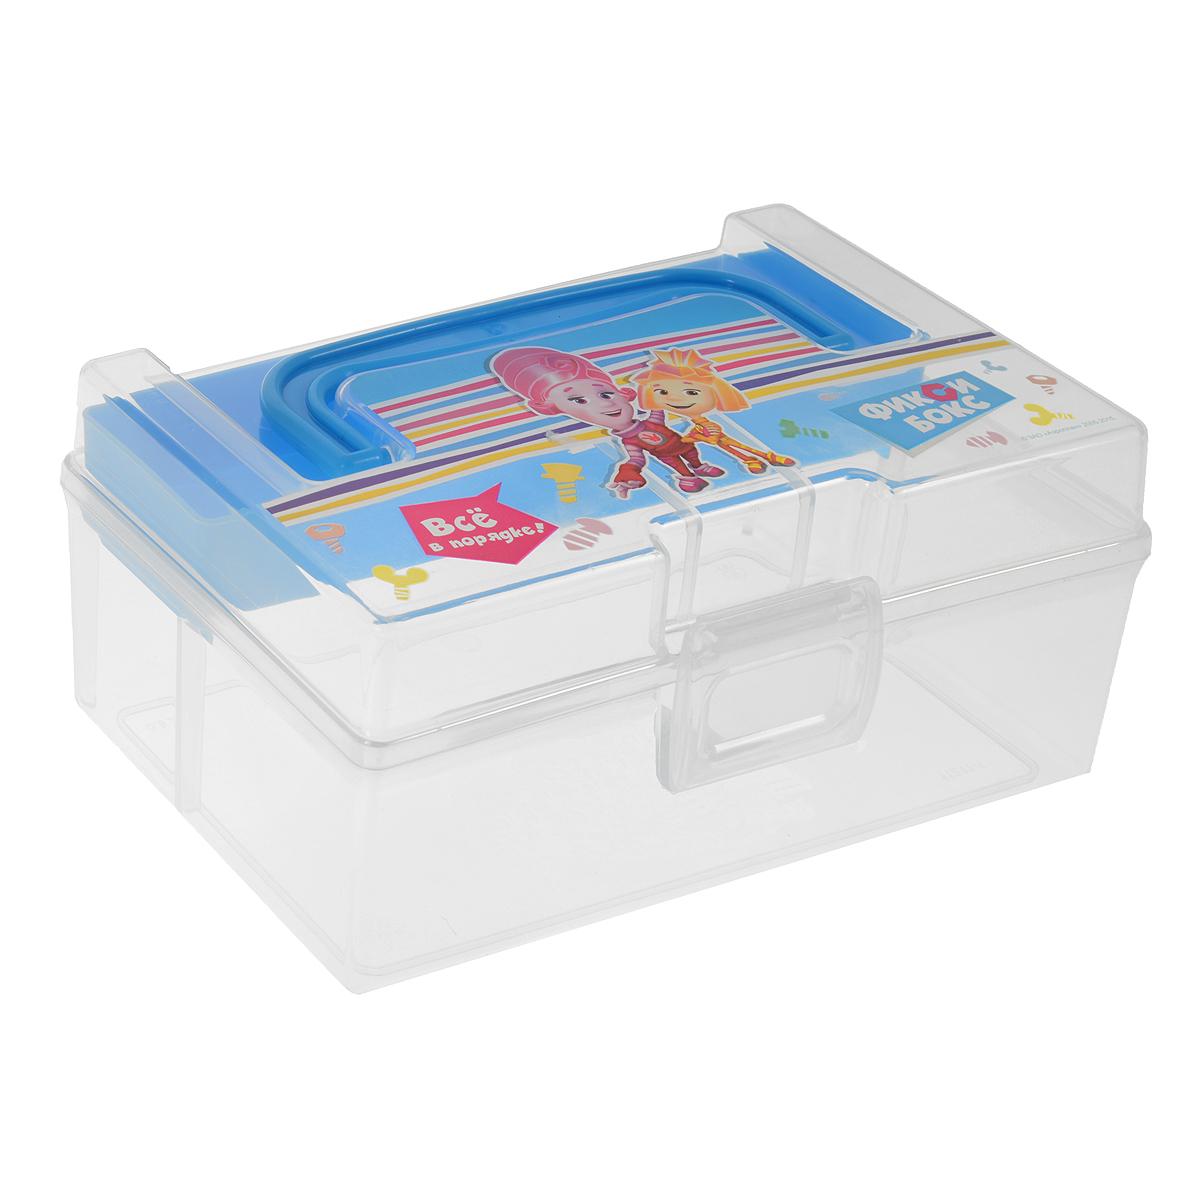 Контейнер для мелочей Фиксики, с вкладышем, цвет: прозрачный, голубой, 800 млR3204Контейнер Фиксики выполнен из высококачественного прозрачного пластика. Для удобства переноски сверху имеется ручка. Контейнер декорирован изображением героев одноименного мультика Фиксики. Внутрь вставляется вкладыш с одним отделением. Контейнер плотно закрывается крышкой с защелкой. Контейнер Фиксики очень вместителен и поможет вам хранить все необходимые мелочи в одном месте.Размер контейнера: 16,5 см х 10 см х 7,5 см.Размер вкладыша: 16 см х 4 см х 2 см.